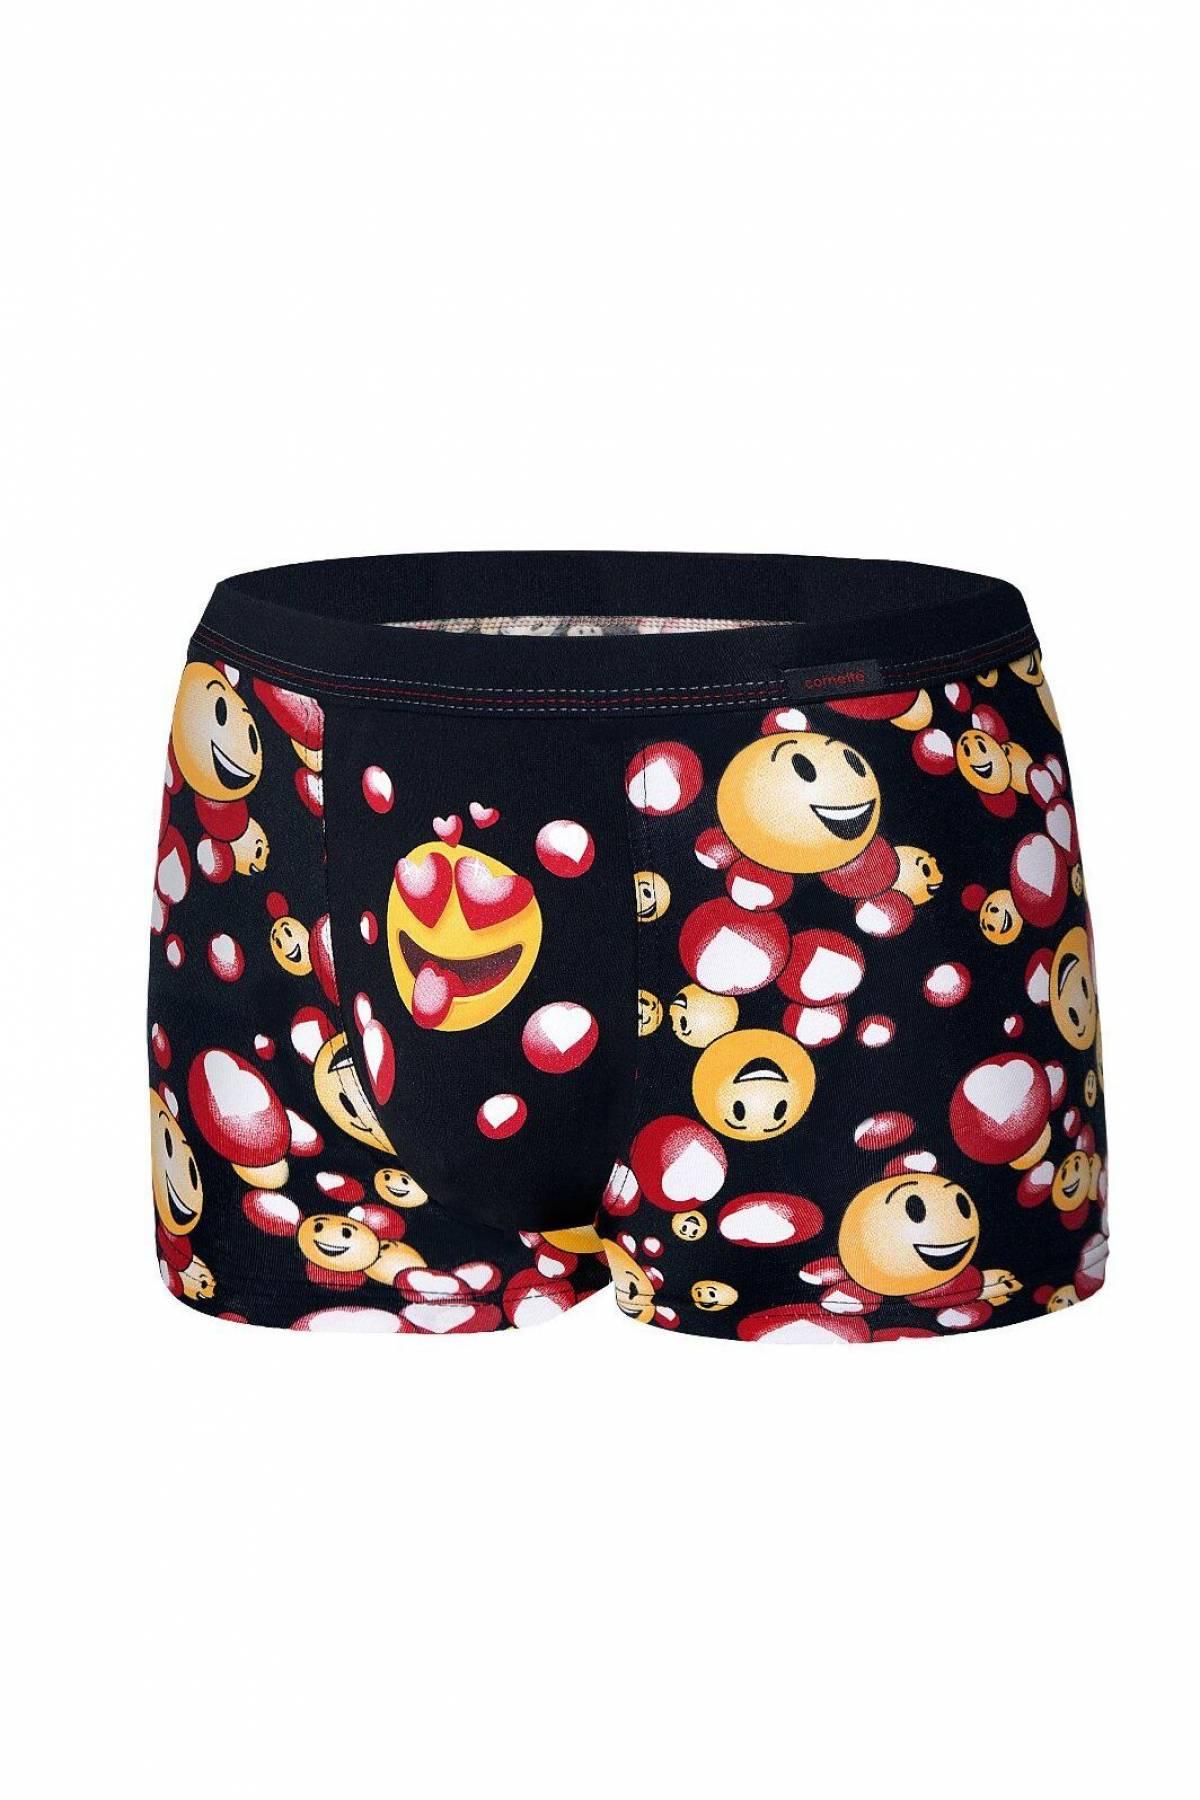 010-21 мужские шорты 66 Emoticon